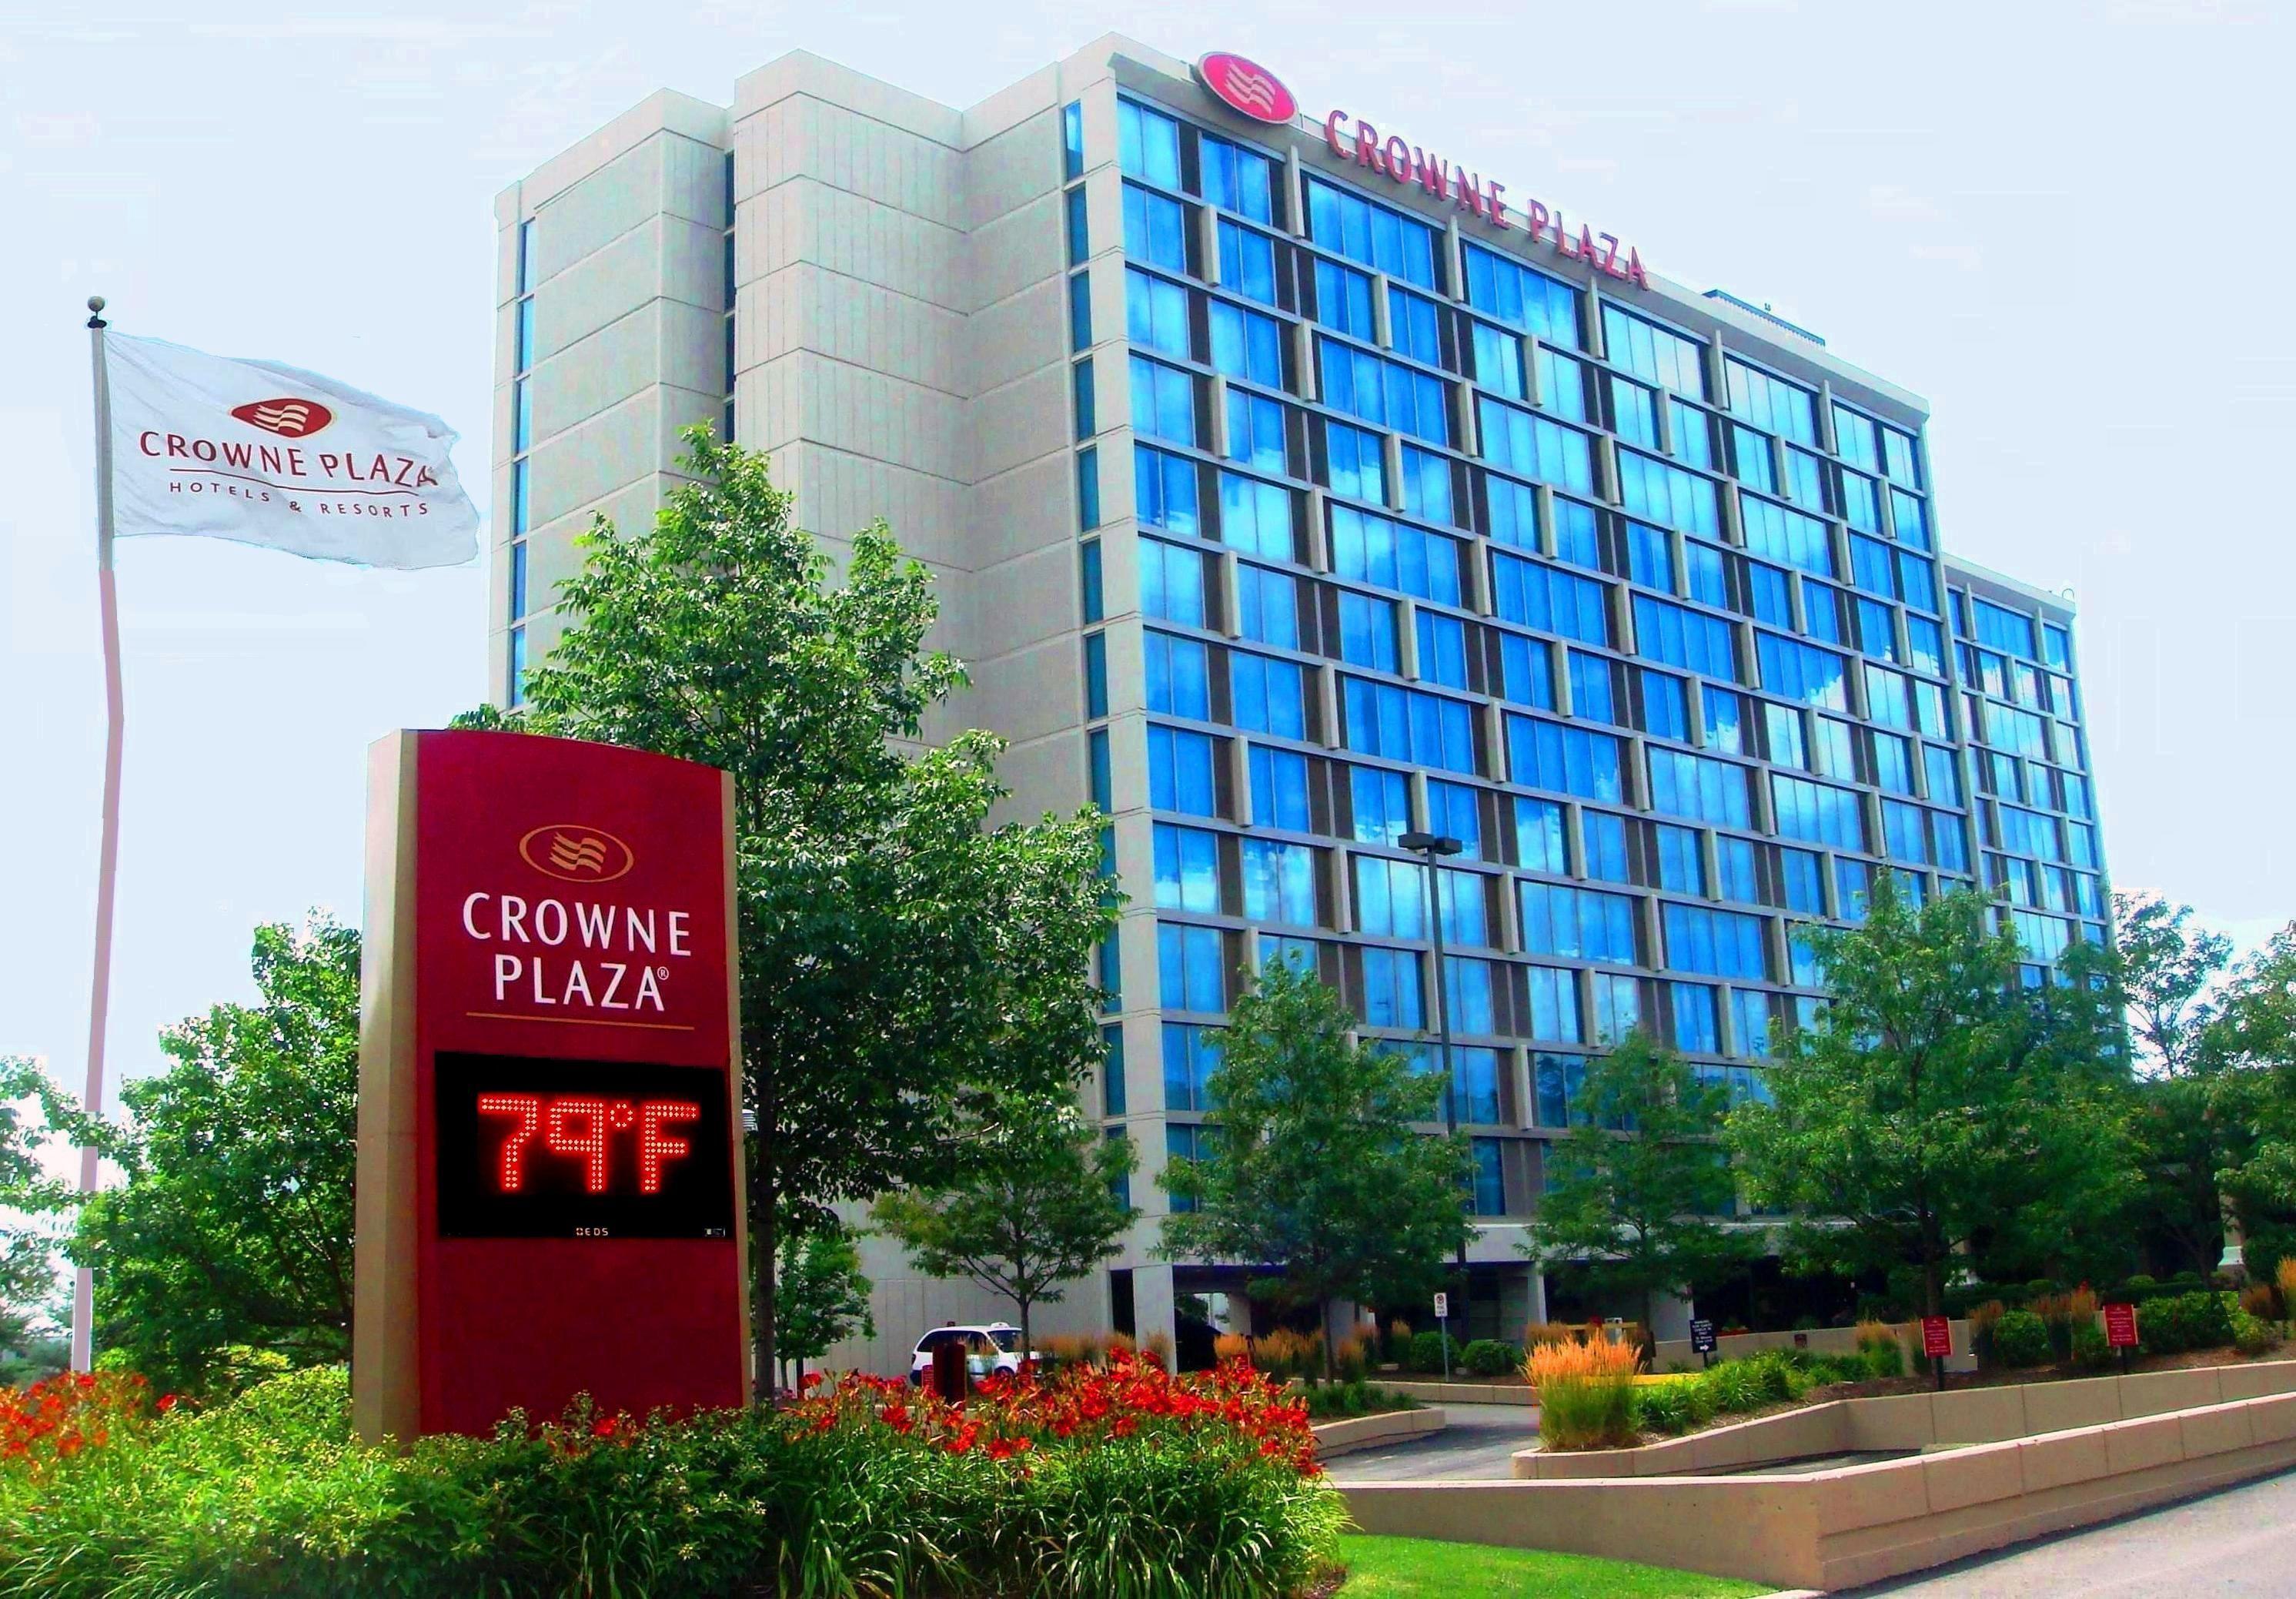 The Crowne Plaza Hotel Chicago O Hare Uçağınız Mı Kaçtı Burası International Hava Alanına Yakın Kaliteli Bir Tercih